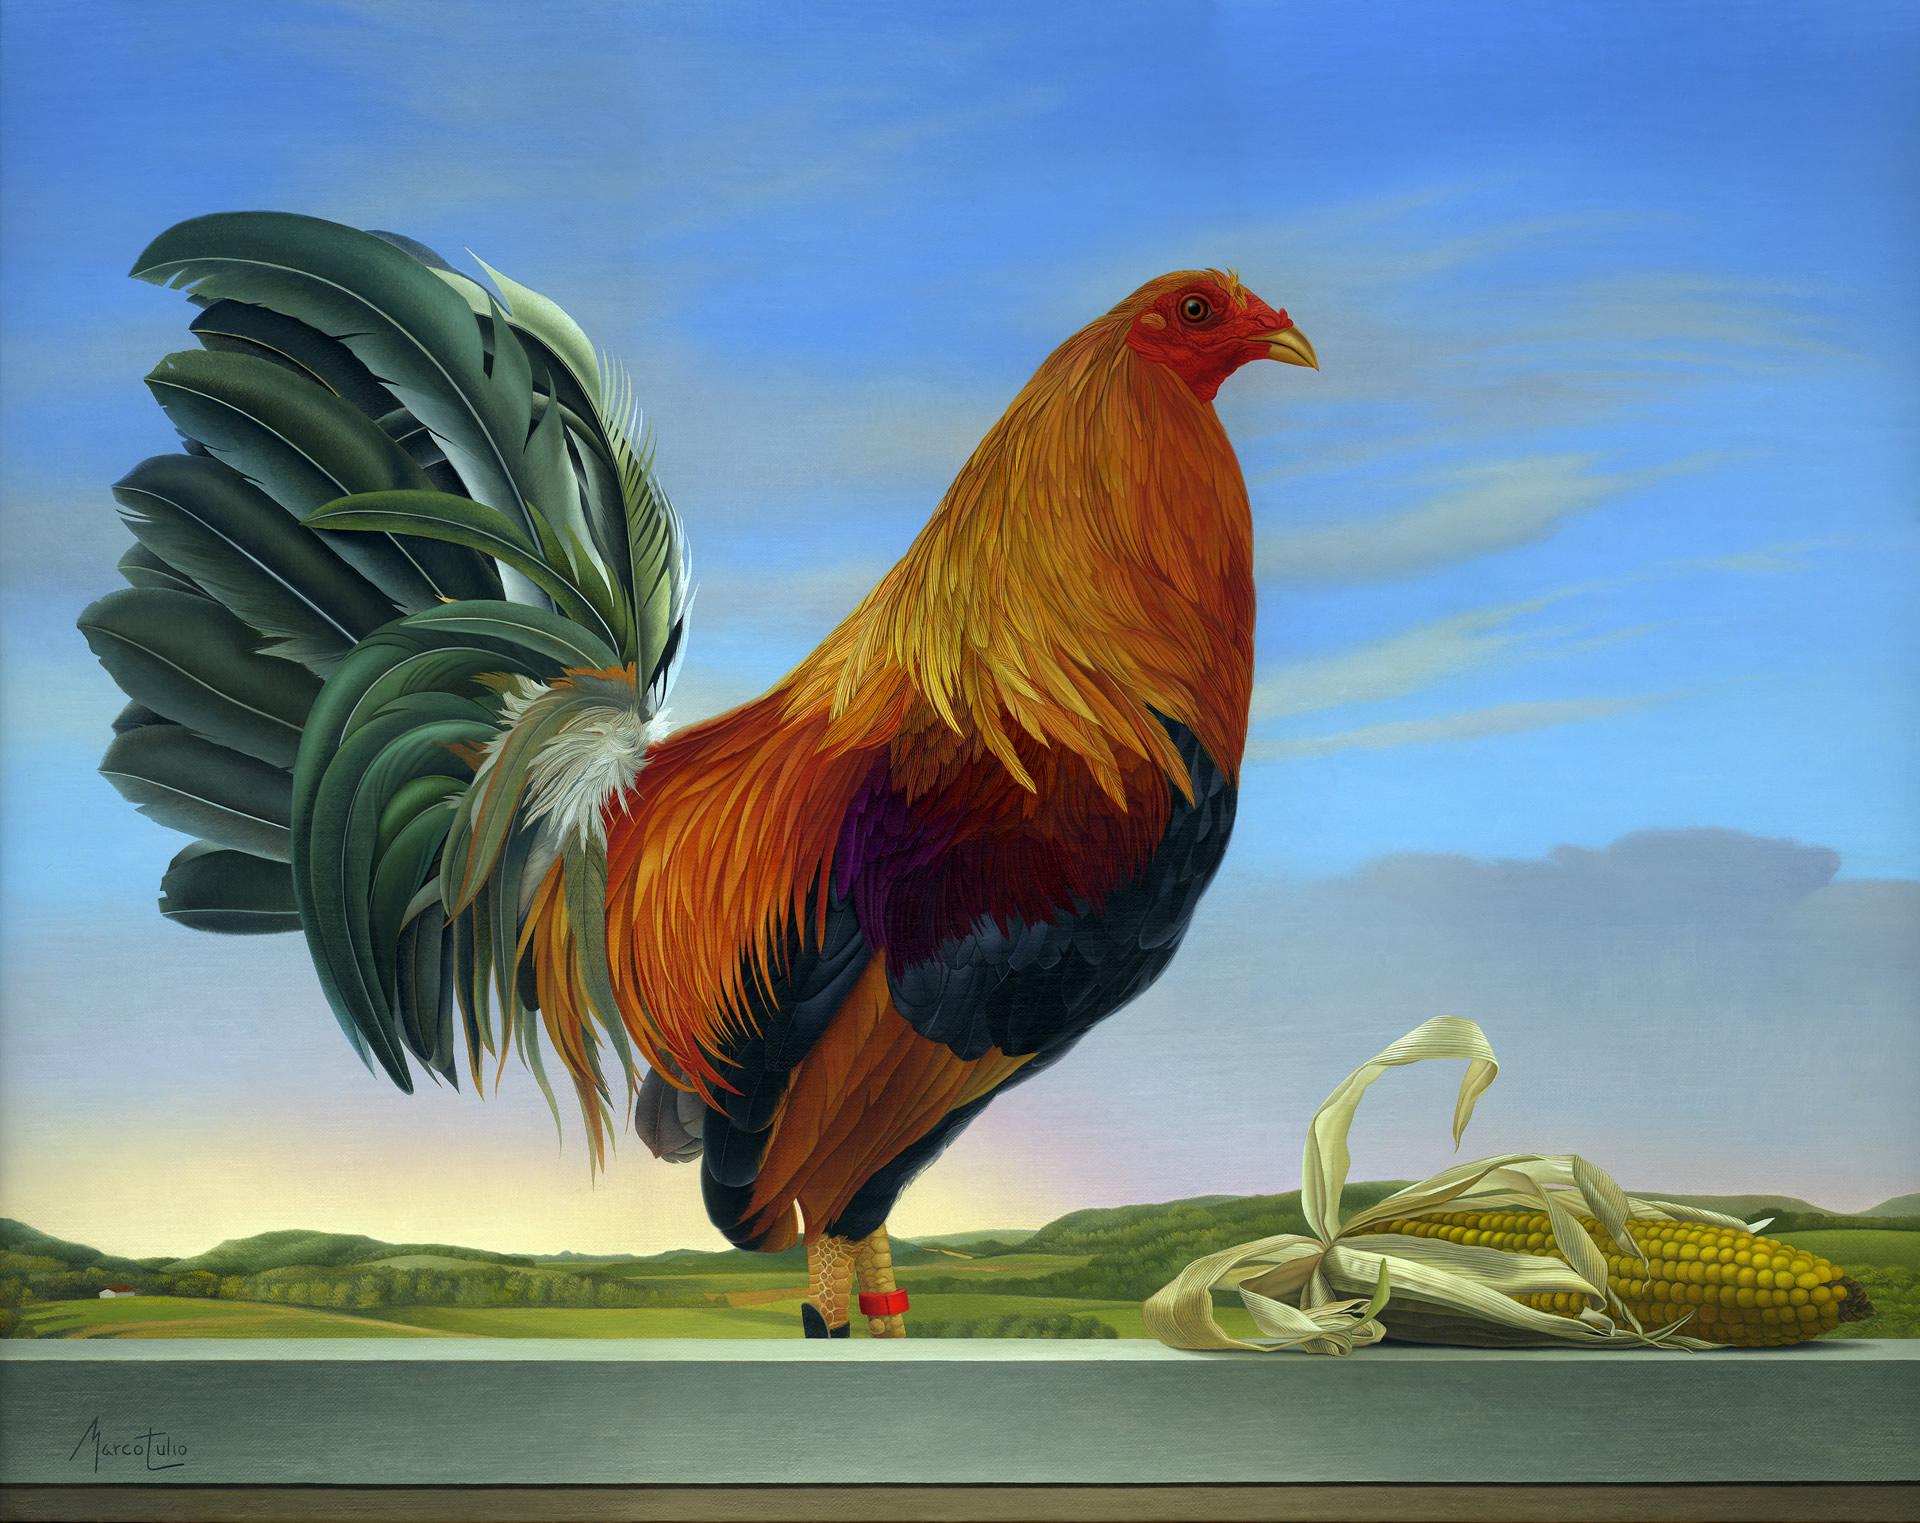 Marco-Tulio-Rooster-Online-Art-Galleries